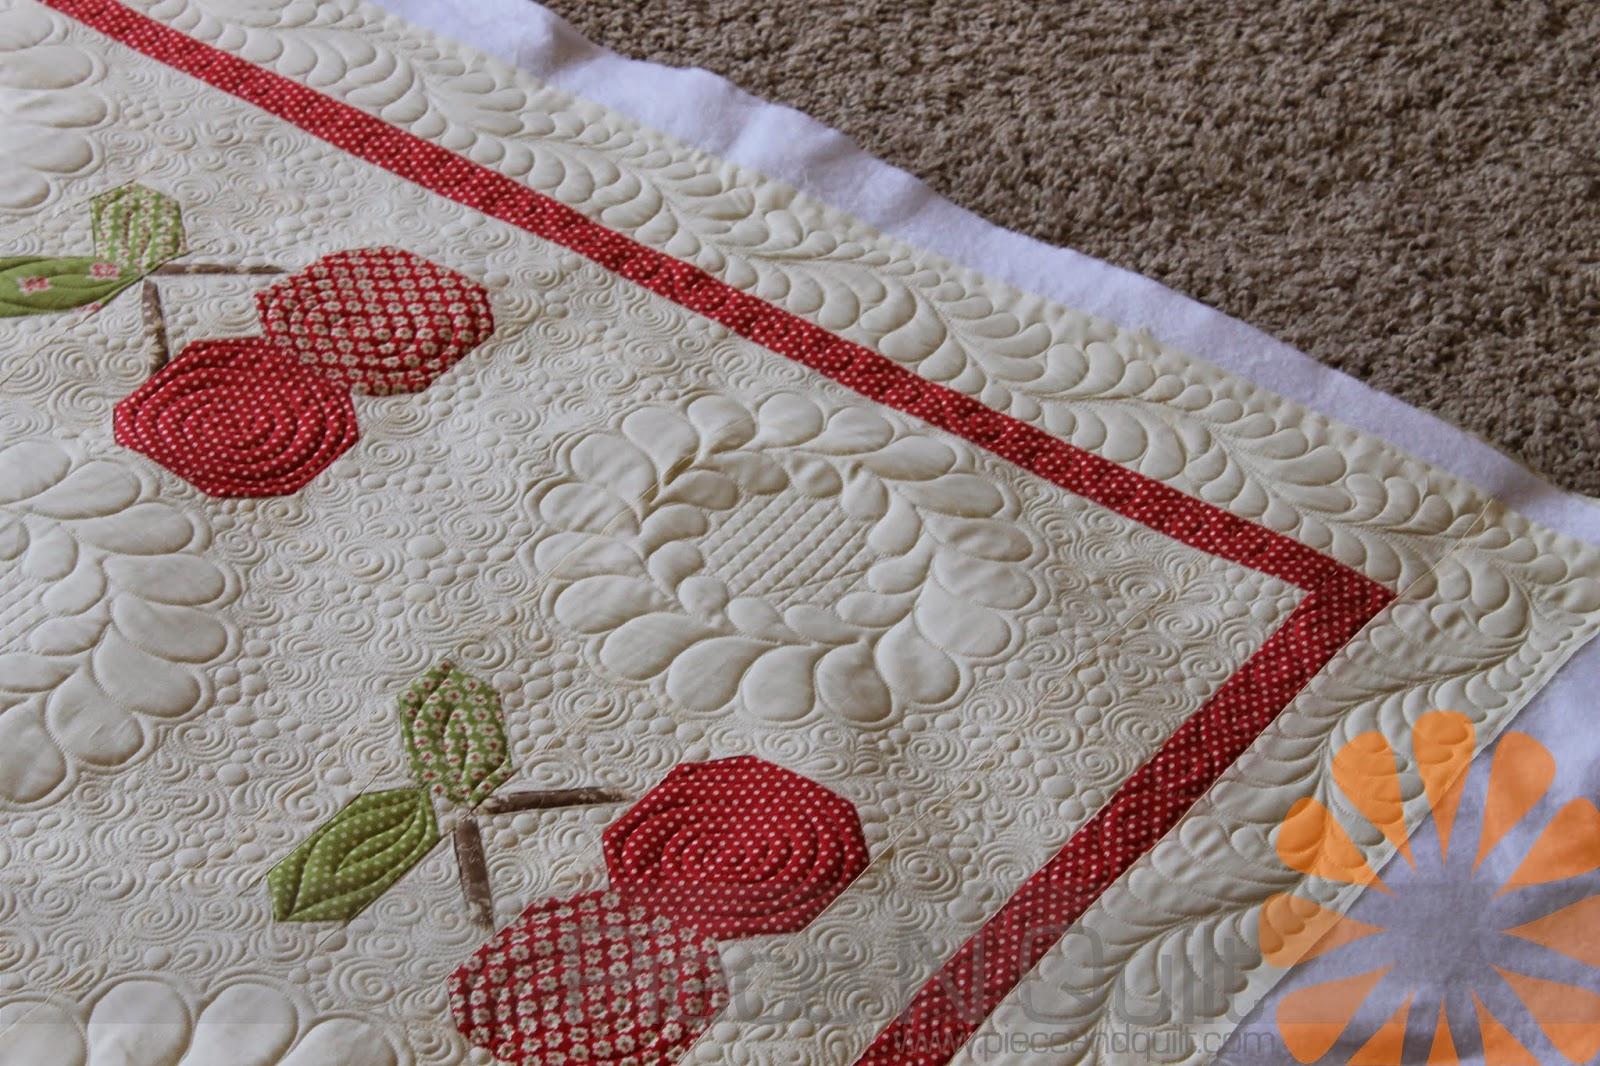 Piece N Quilt: Cherry Pie Quilt - Custom Machine Quilting by ... : piece n quilt - Adamdwight.com